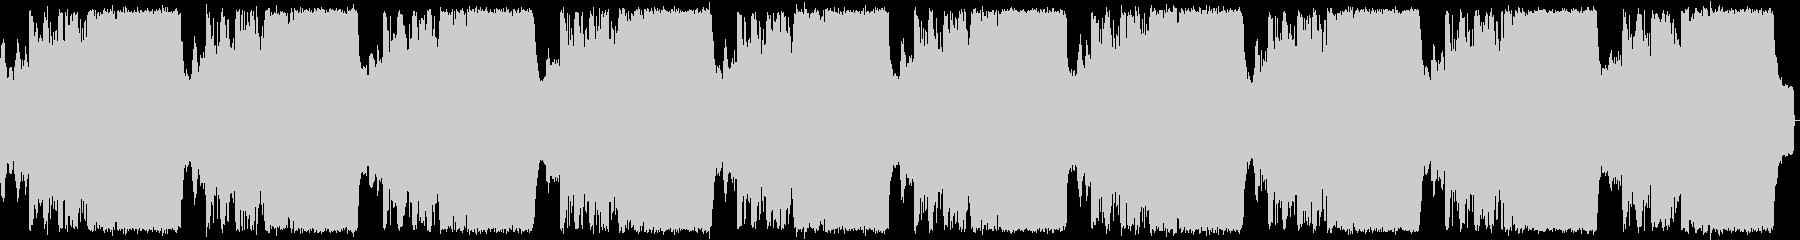 トレーラー、シネマティック、テクスチャーの未再生の波形